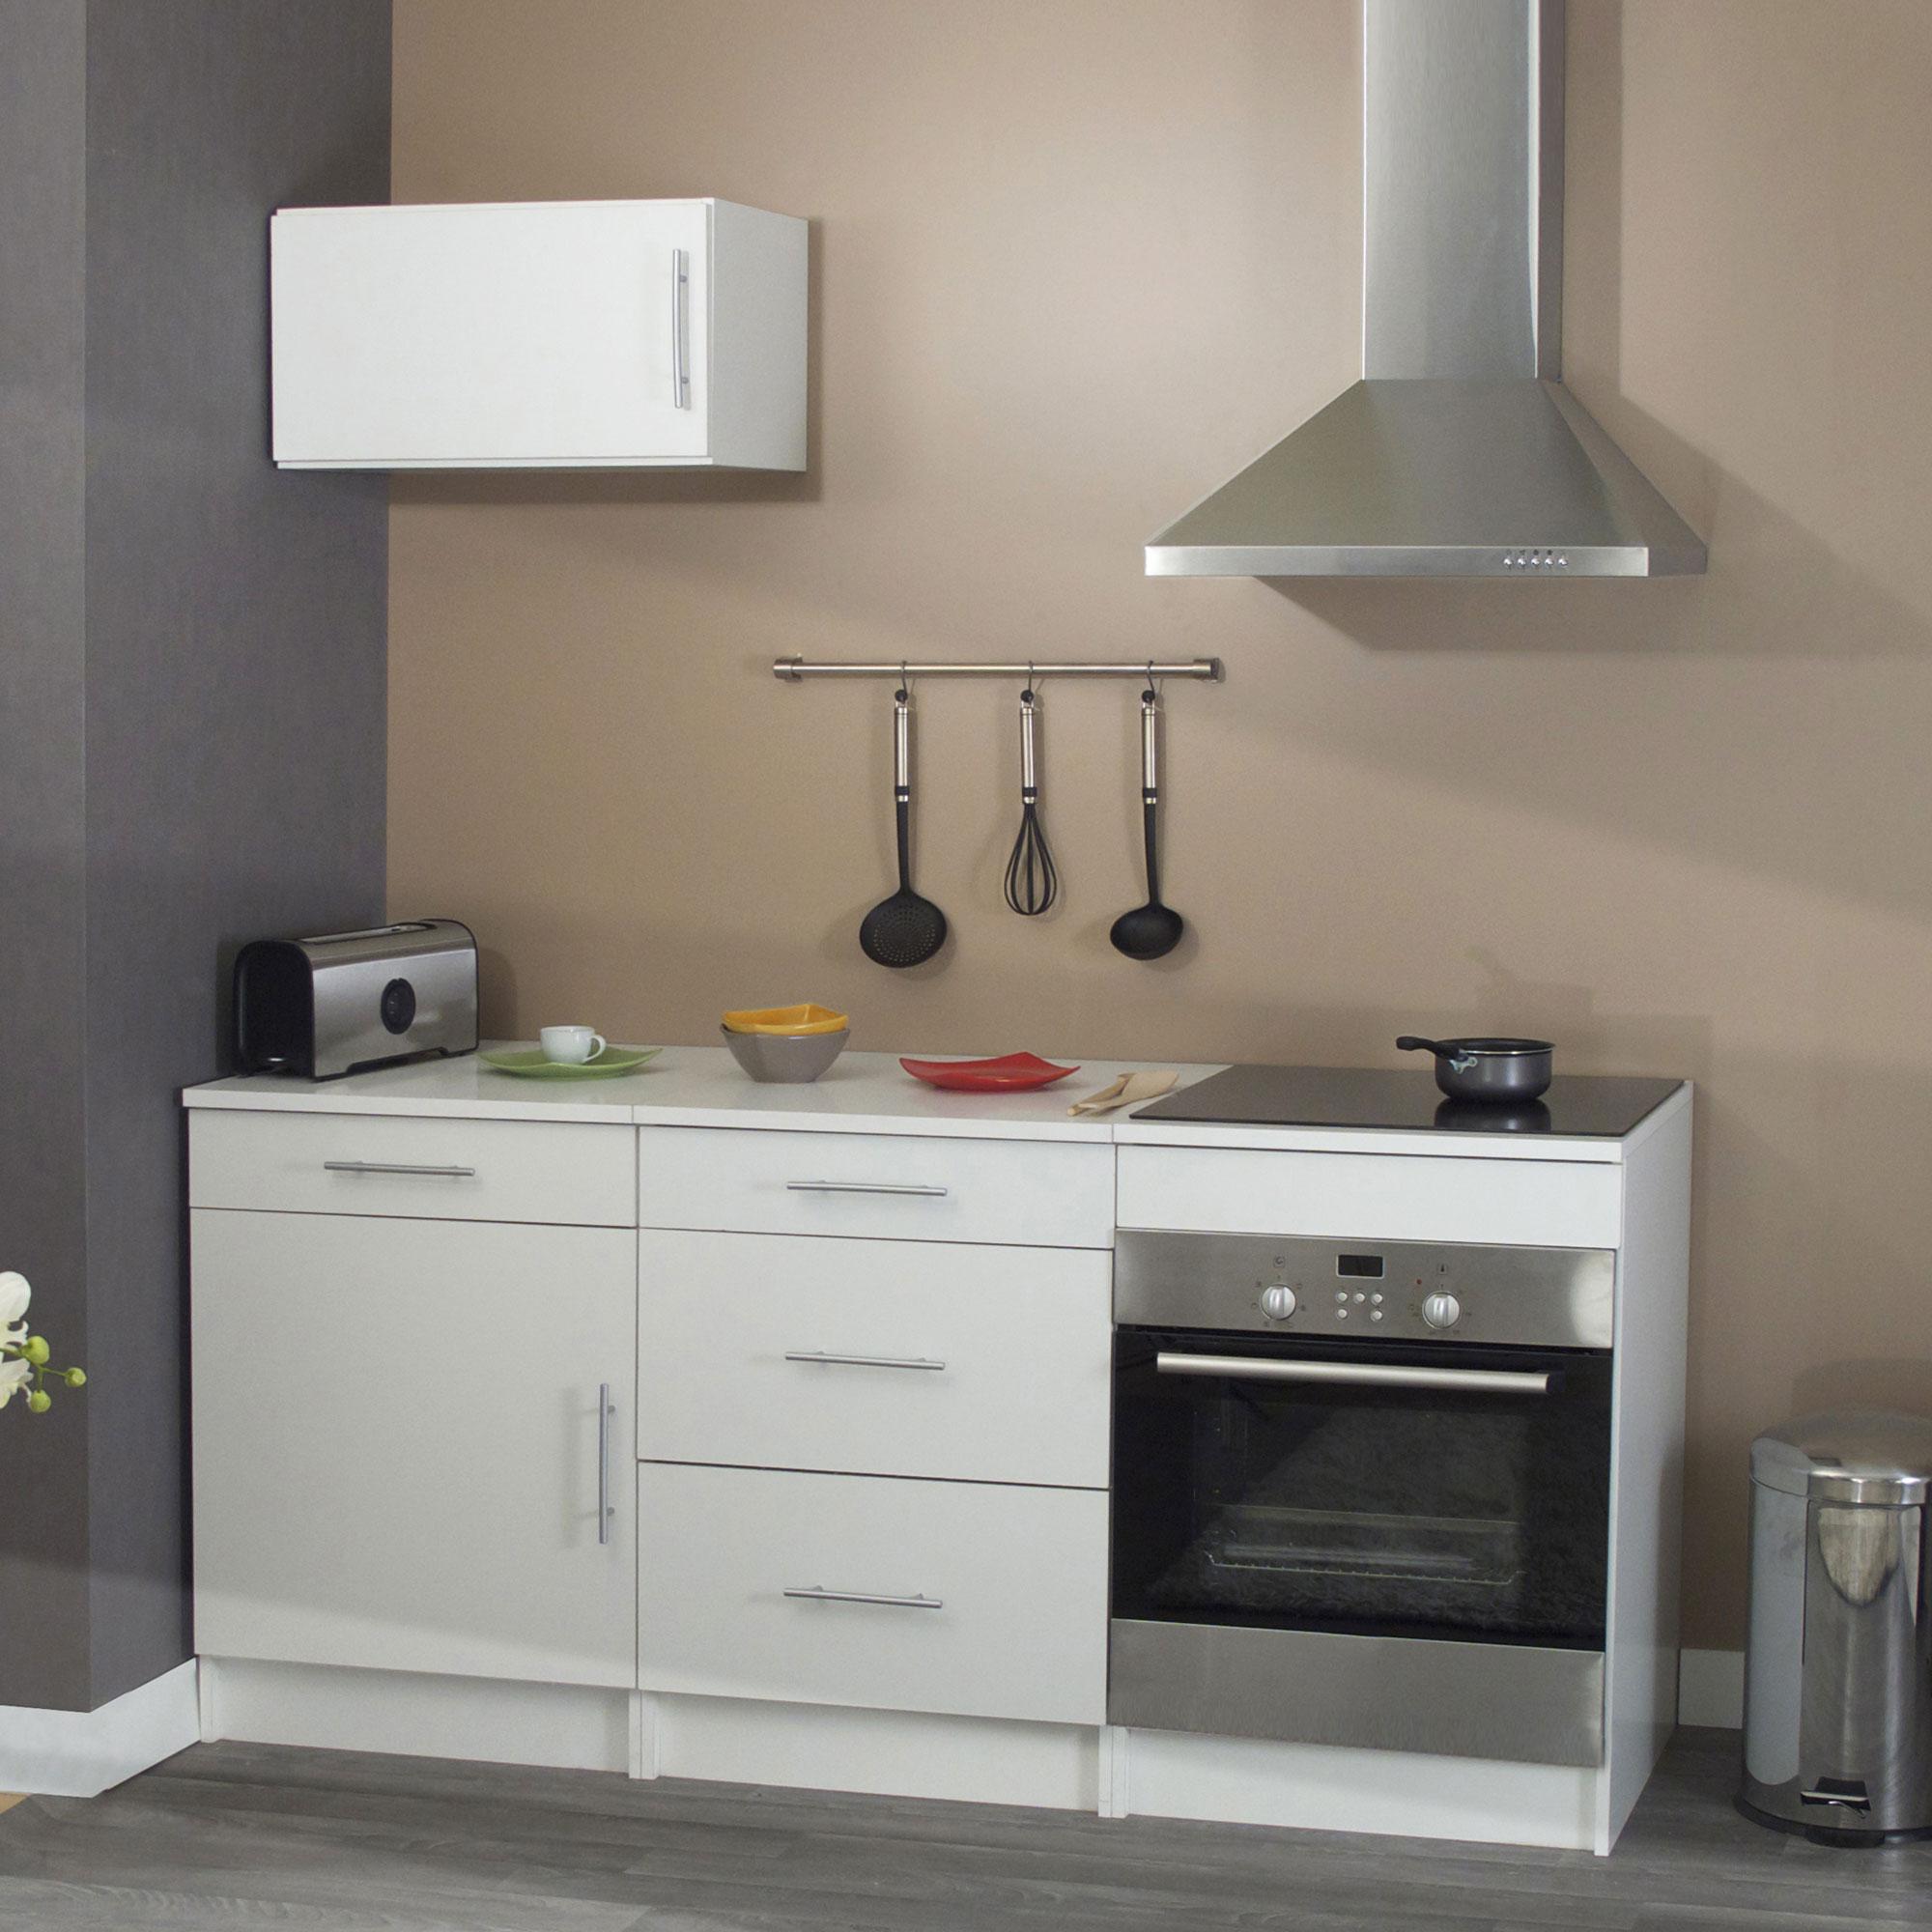 meuble cuisine pour plaque encastrable maison et mobilier d 39 int rieur. Black Bedroom Furniture Sets. Home Design Ideas